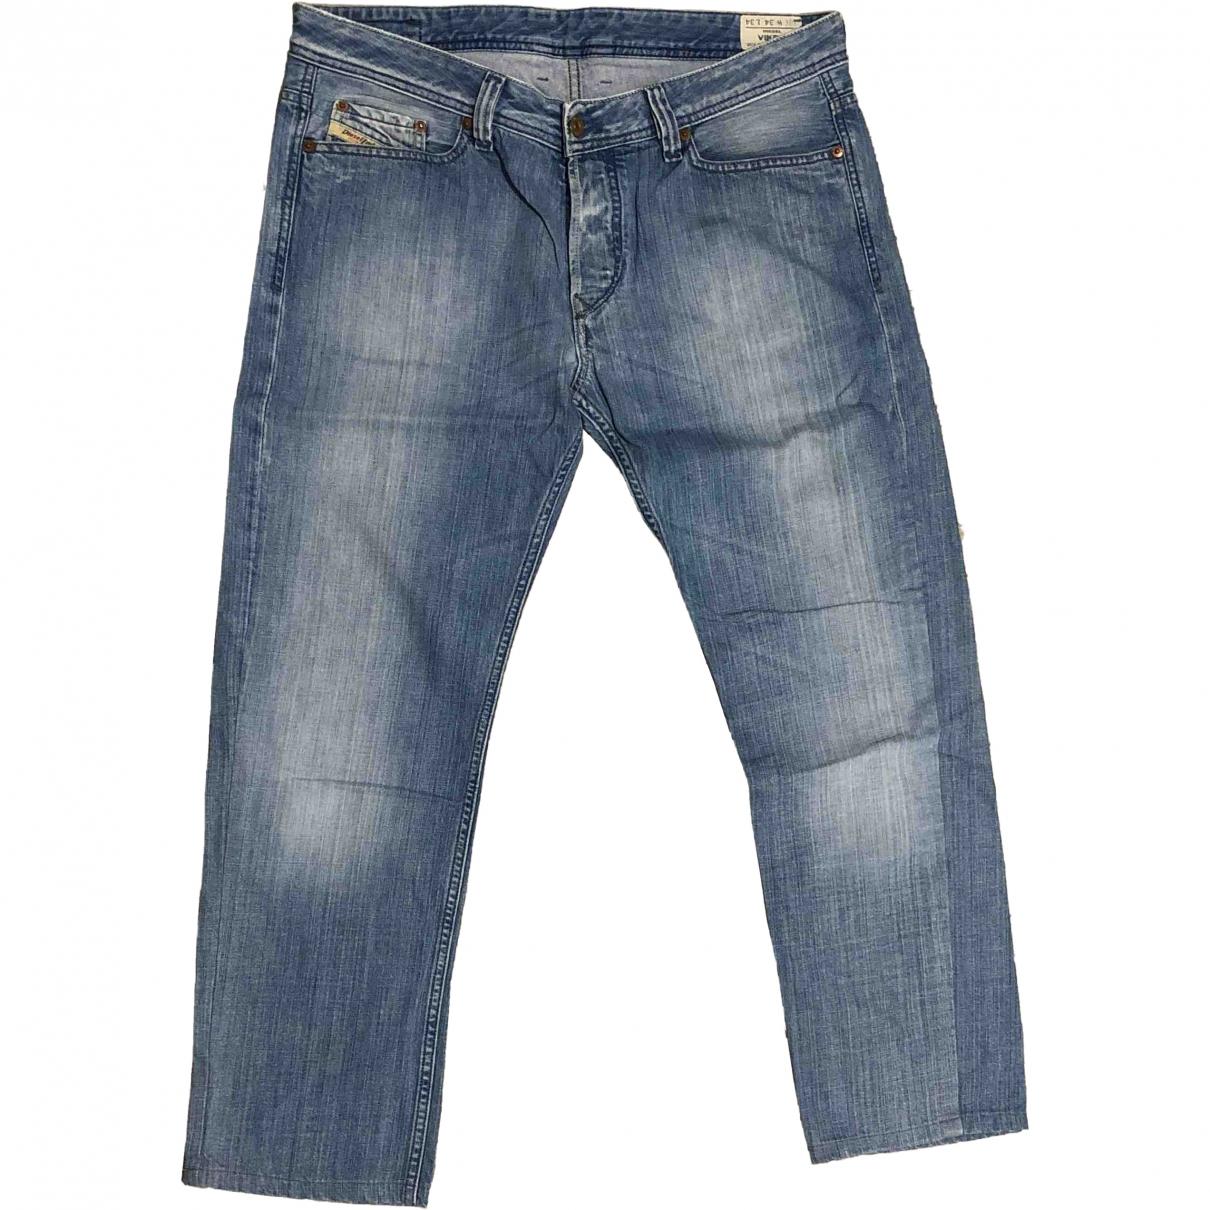 Diesel \N Blue Denim - Jeans Trousers for Men 54 IT